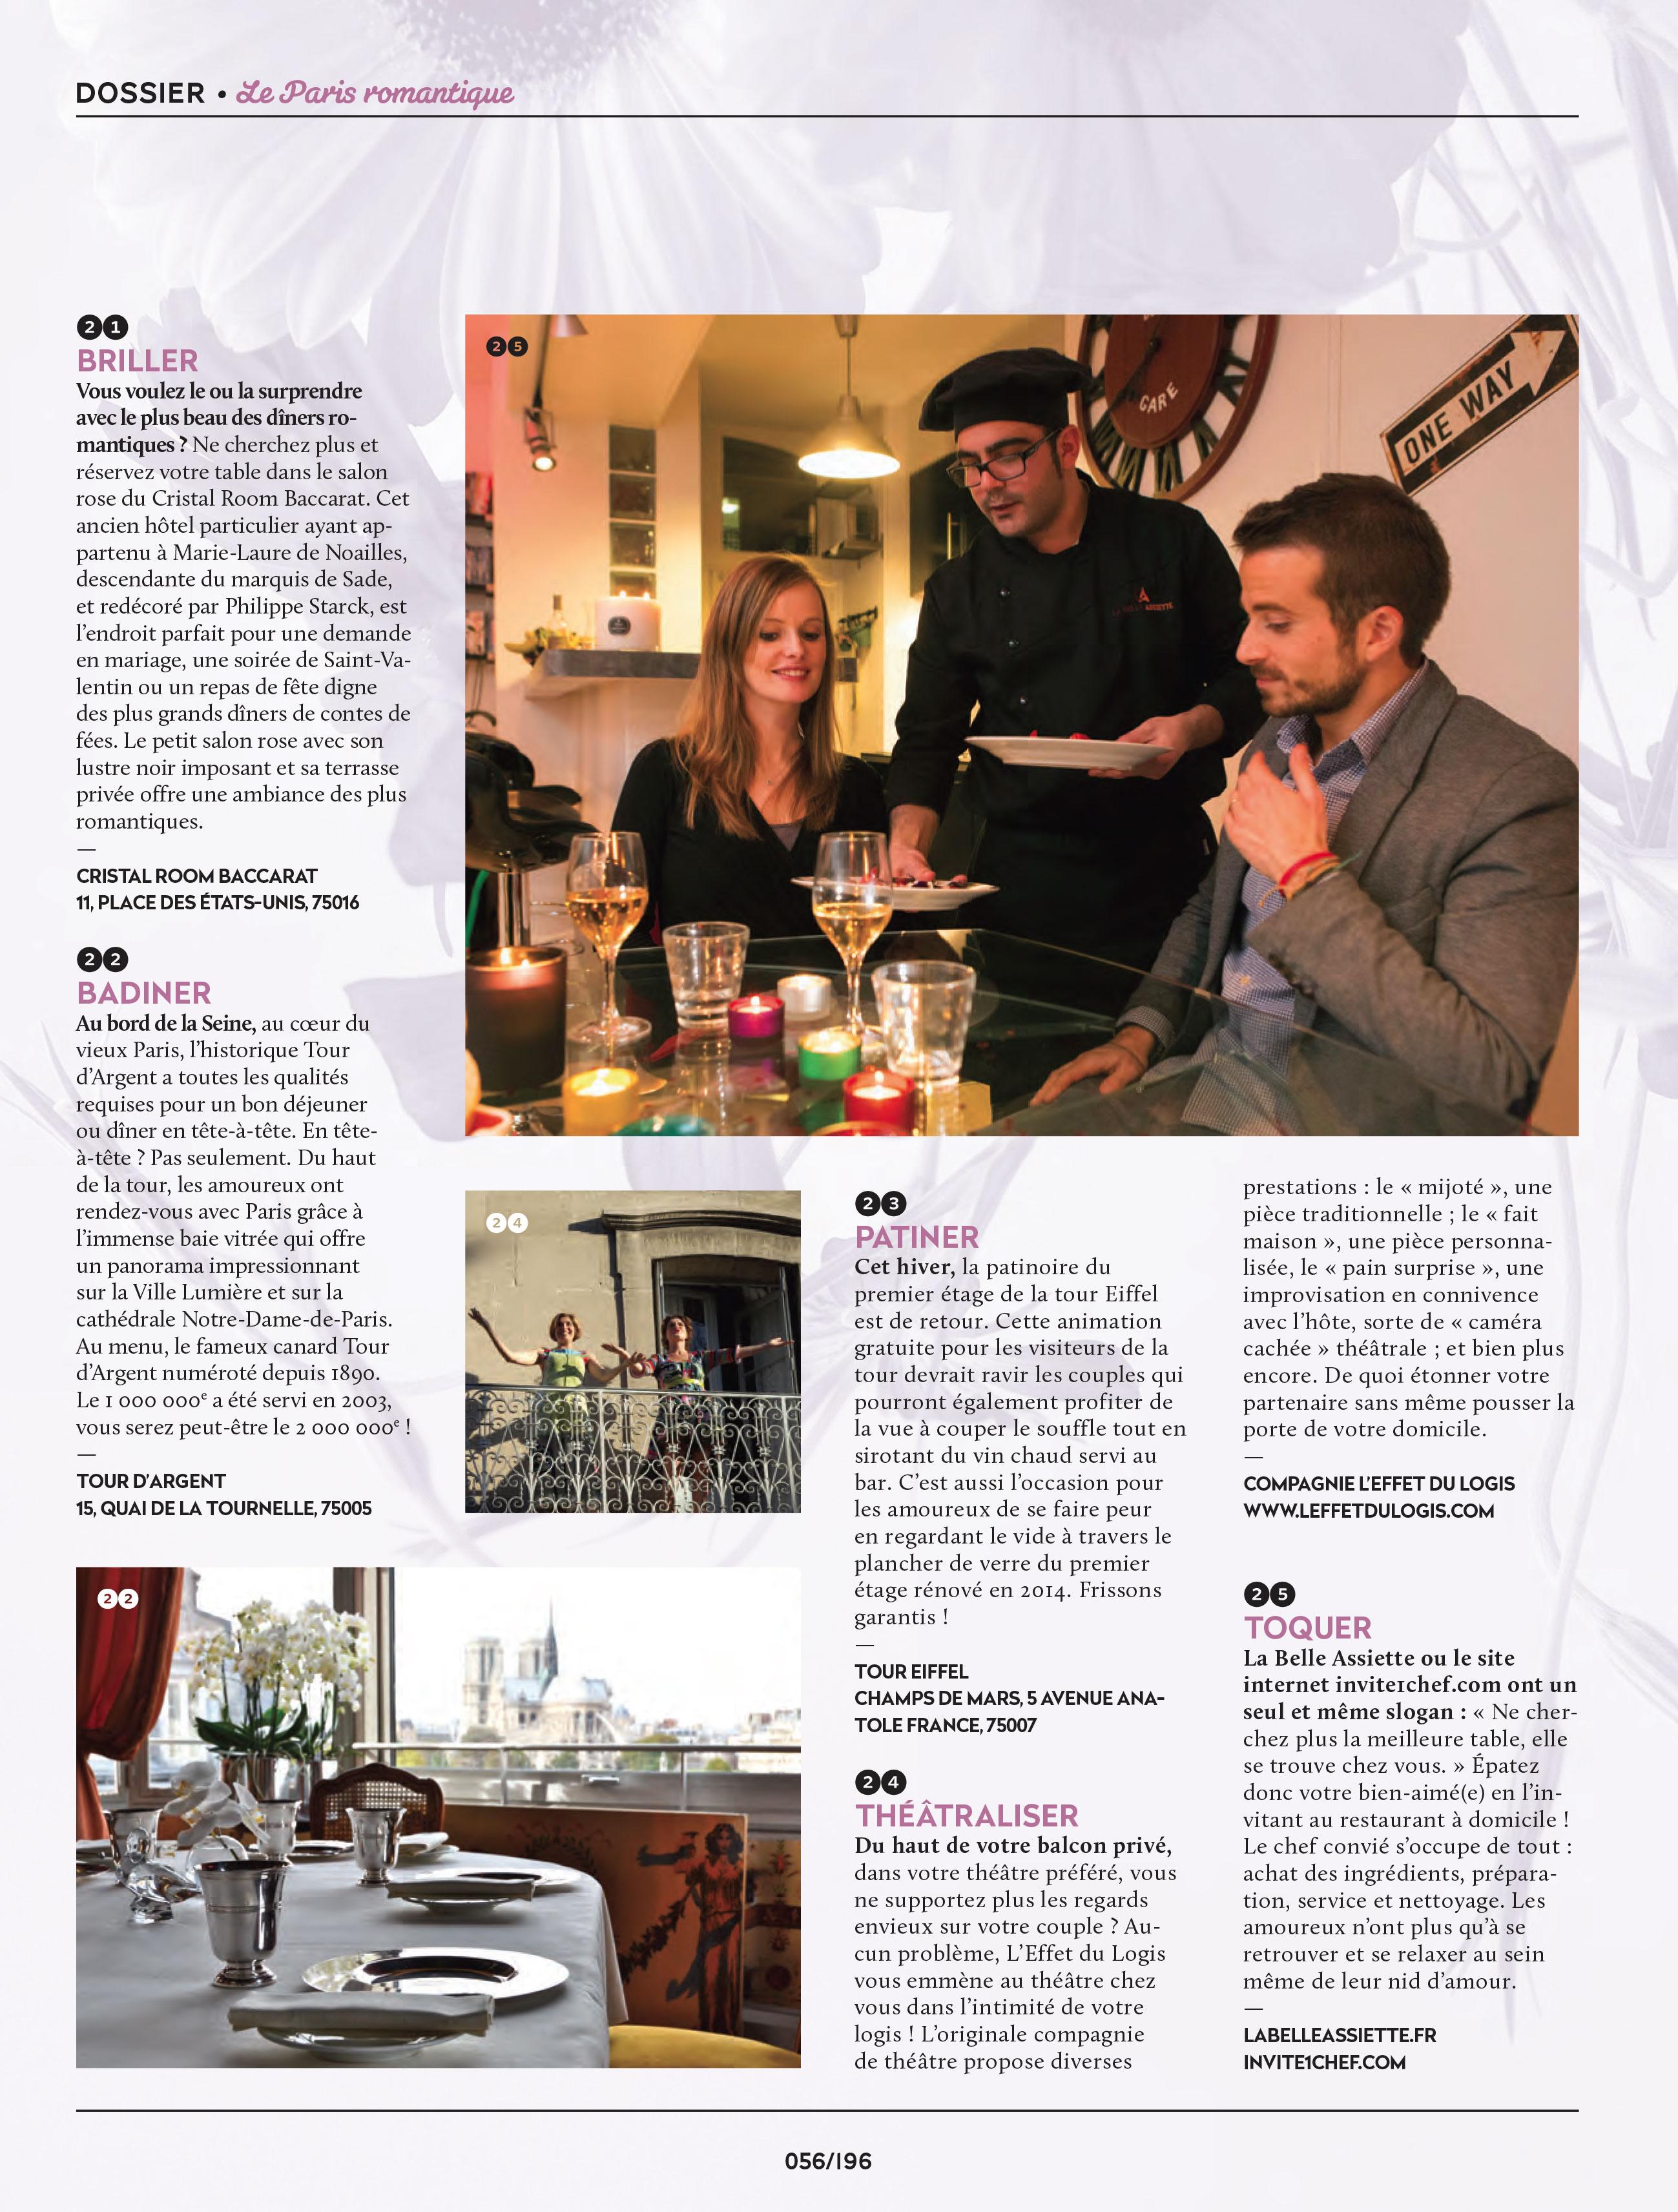 Dossier Vivre Paris de Janvier 2016 sur la Paris romantique où Invite1chef.com est cité